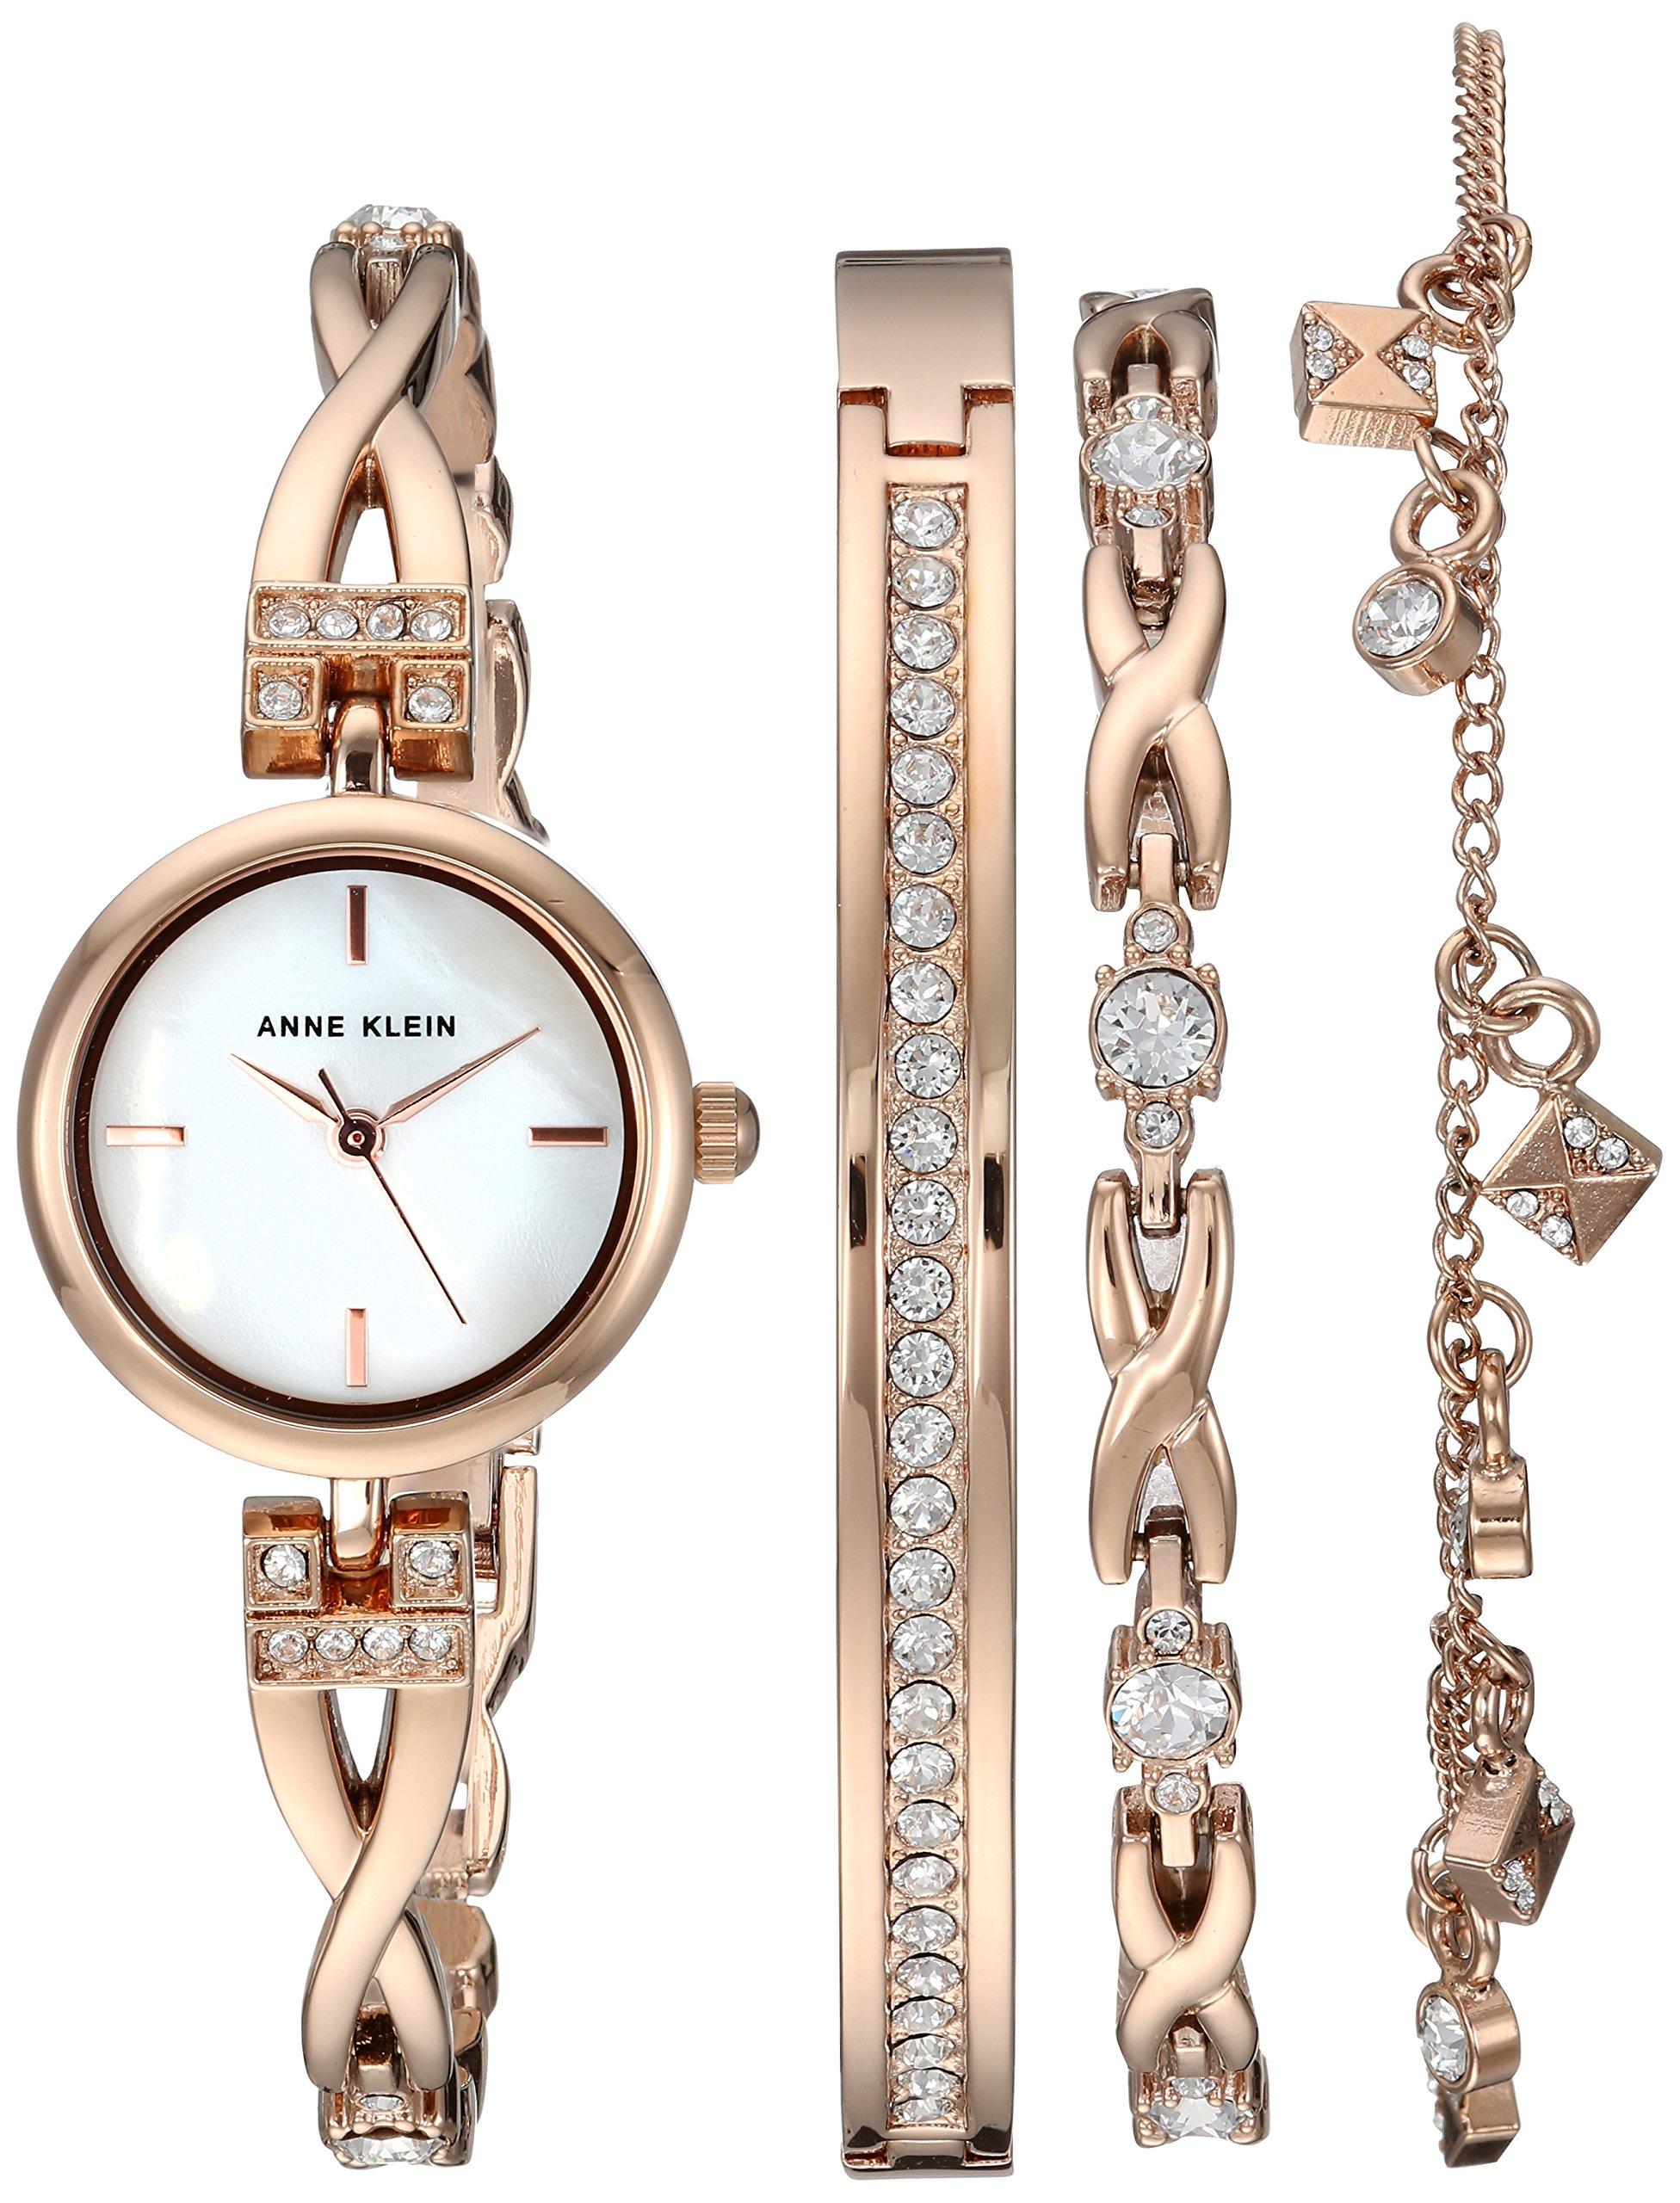 Anne Klein Women's  Swarovski Crystal Accented Rose Gold-Tone Watch and Bracelet Set by Anne Klein